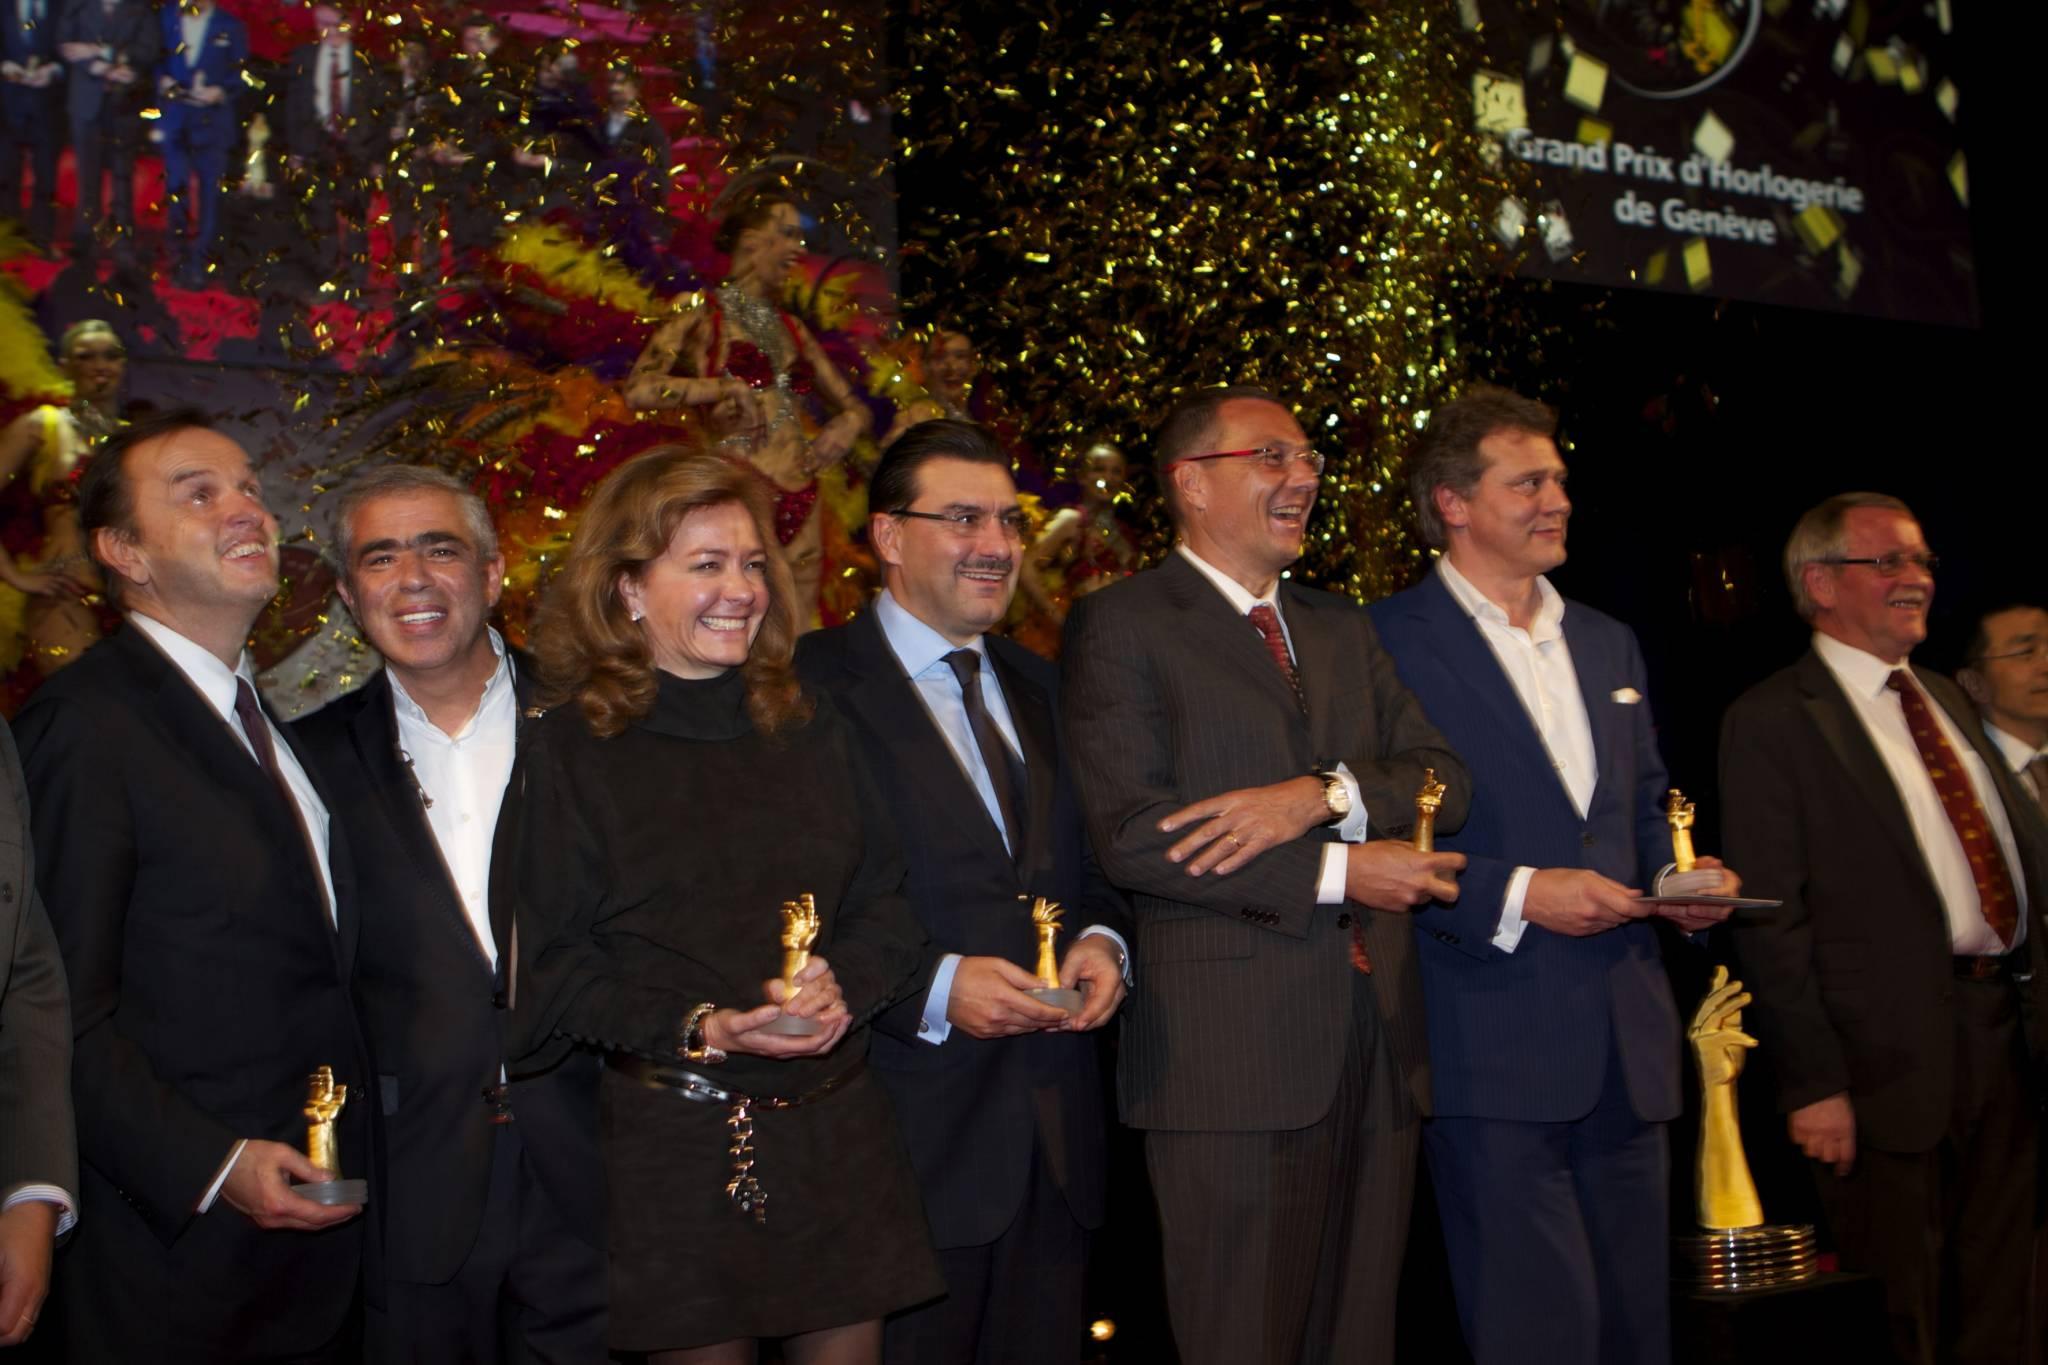 Stanislas de Quercise (CEO, Van Cleef & Arpels), Laurent Picciotto (Chronopassion), Caroline Scheufele (Co-president, Chopard), Juan-Carlos Torrès (CEO, Vacheron Constantin), Jean-Christophe Babin (CEO, TAG Heuer), François-Paul Journe (CEO, Montres Journe), Sven Andersen (AHCI), 2010 ceremony